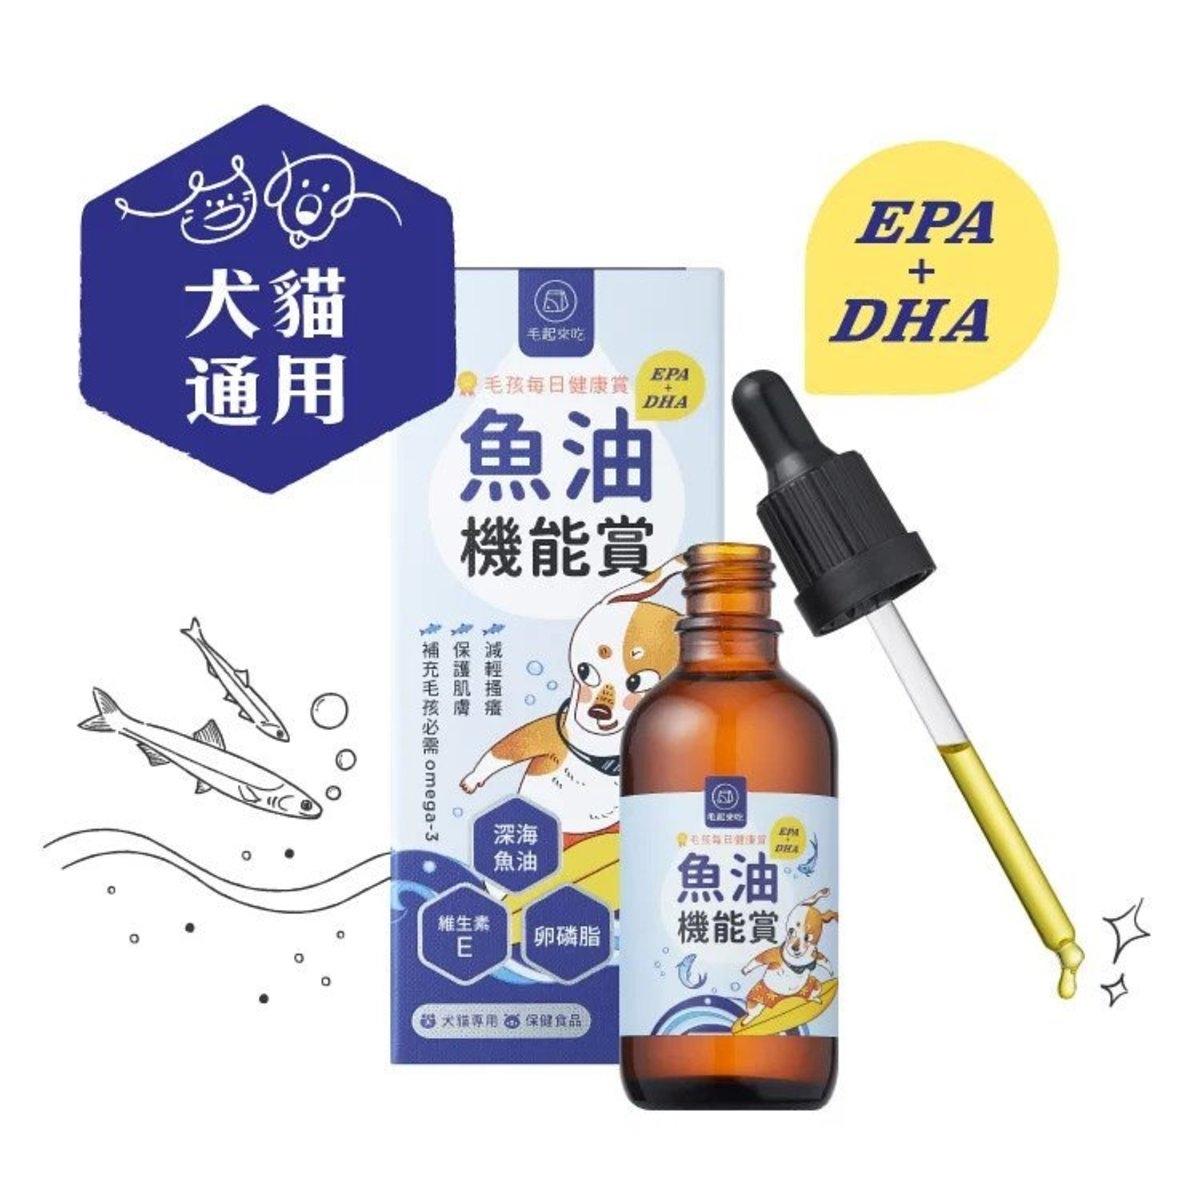 毛起來洗 魚油EPA+DHA機能賞 50克